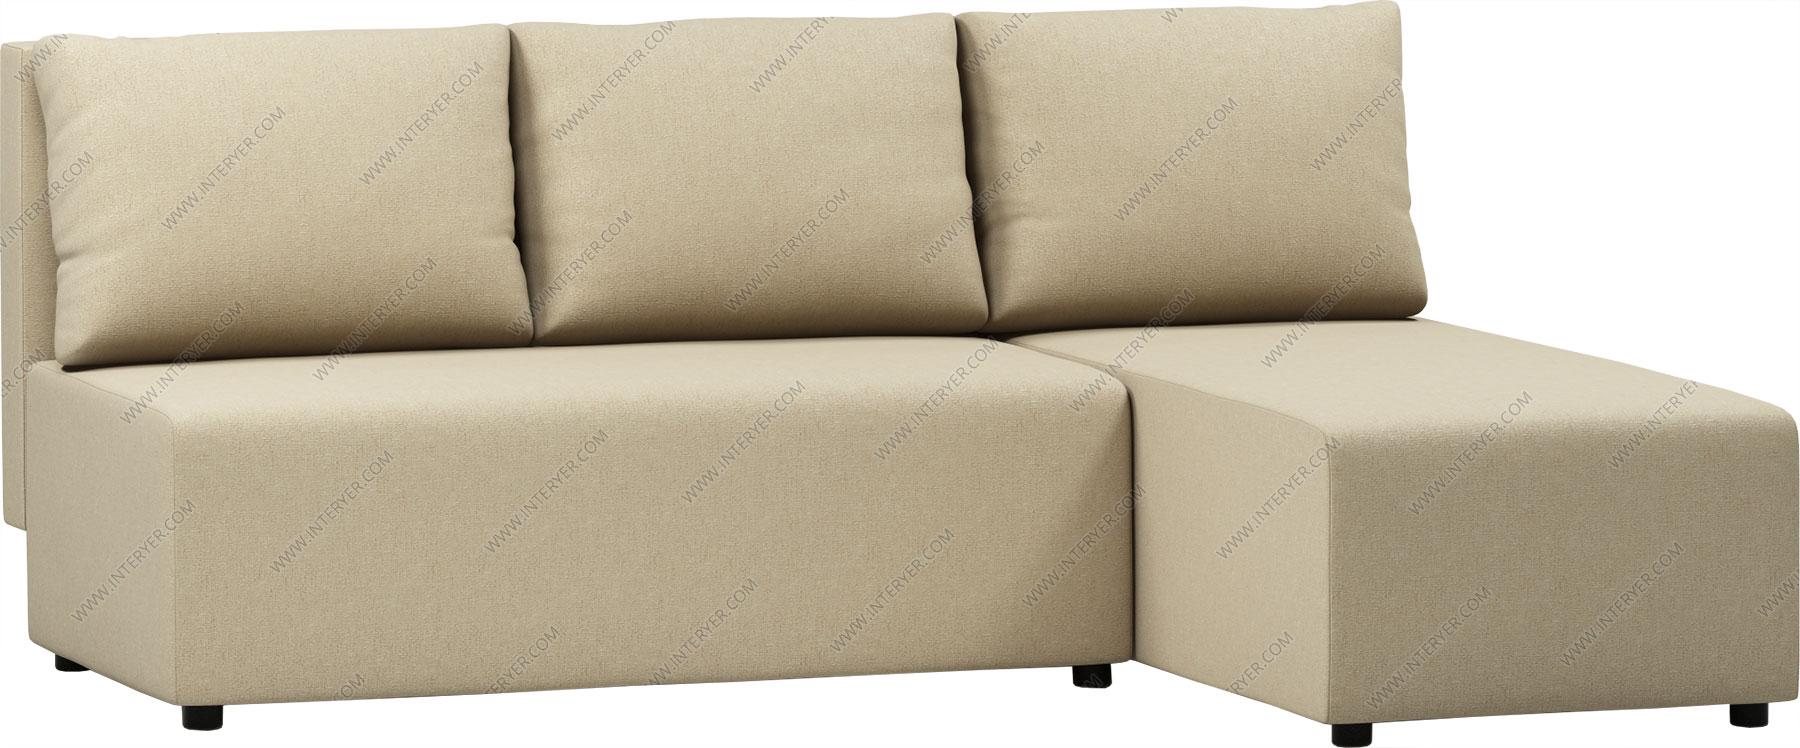 купить угловые диваны недорого распродажа в москве интернет